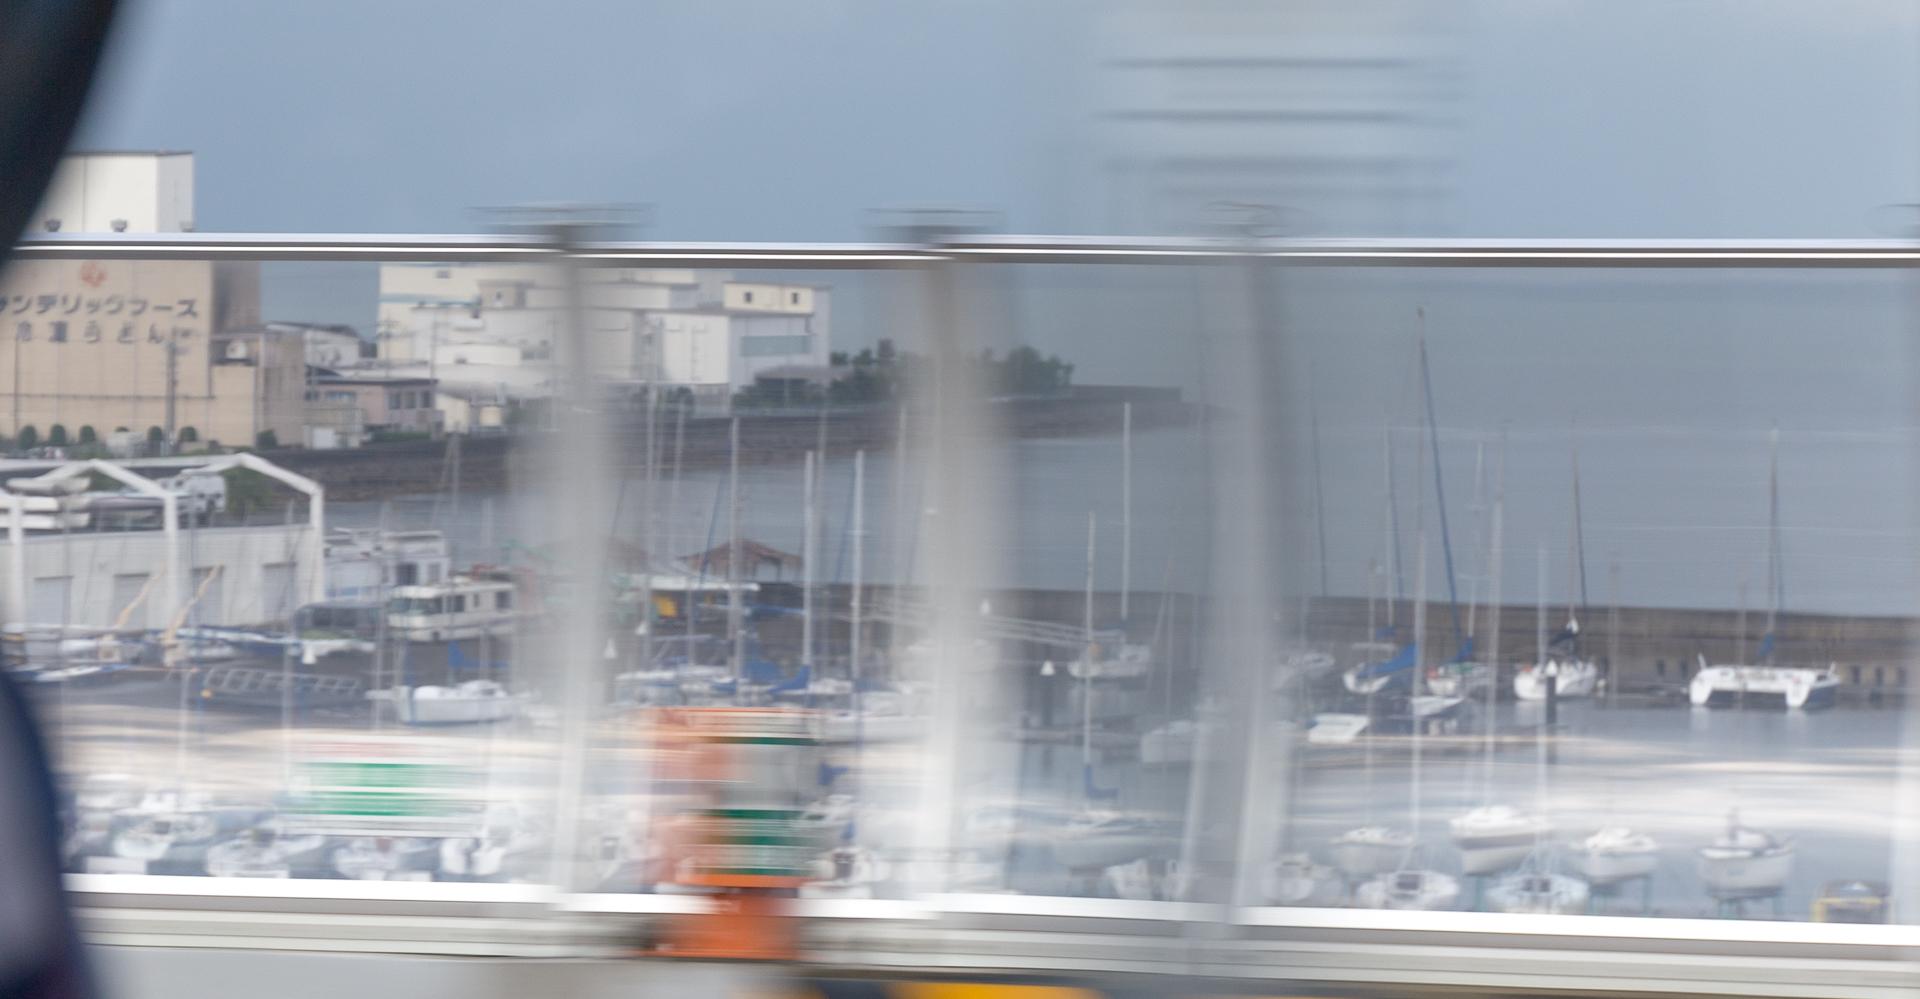 Endnu en lystbådehavn, nu med lystbåde. Igen taget igennem vinduet på en bus og med et stakit der står i vejen